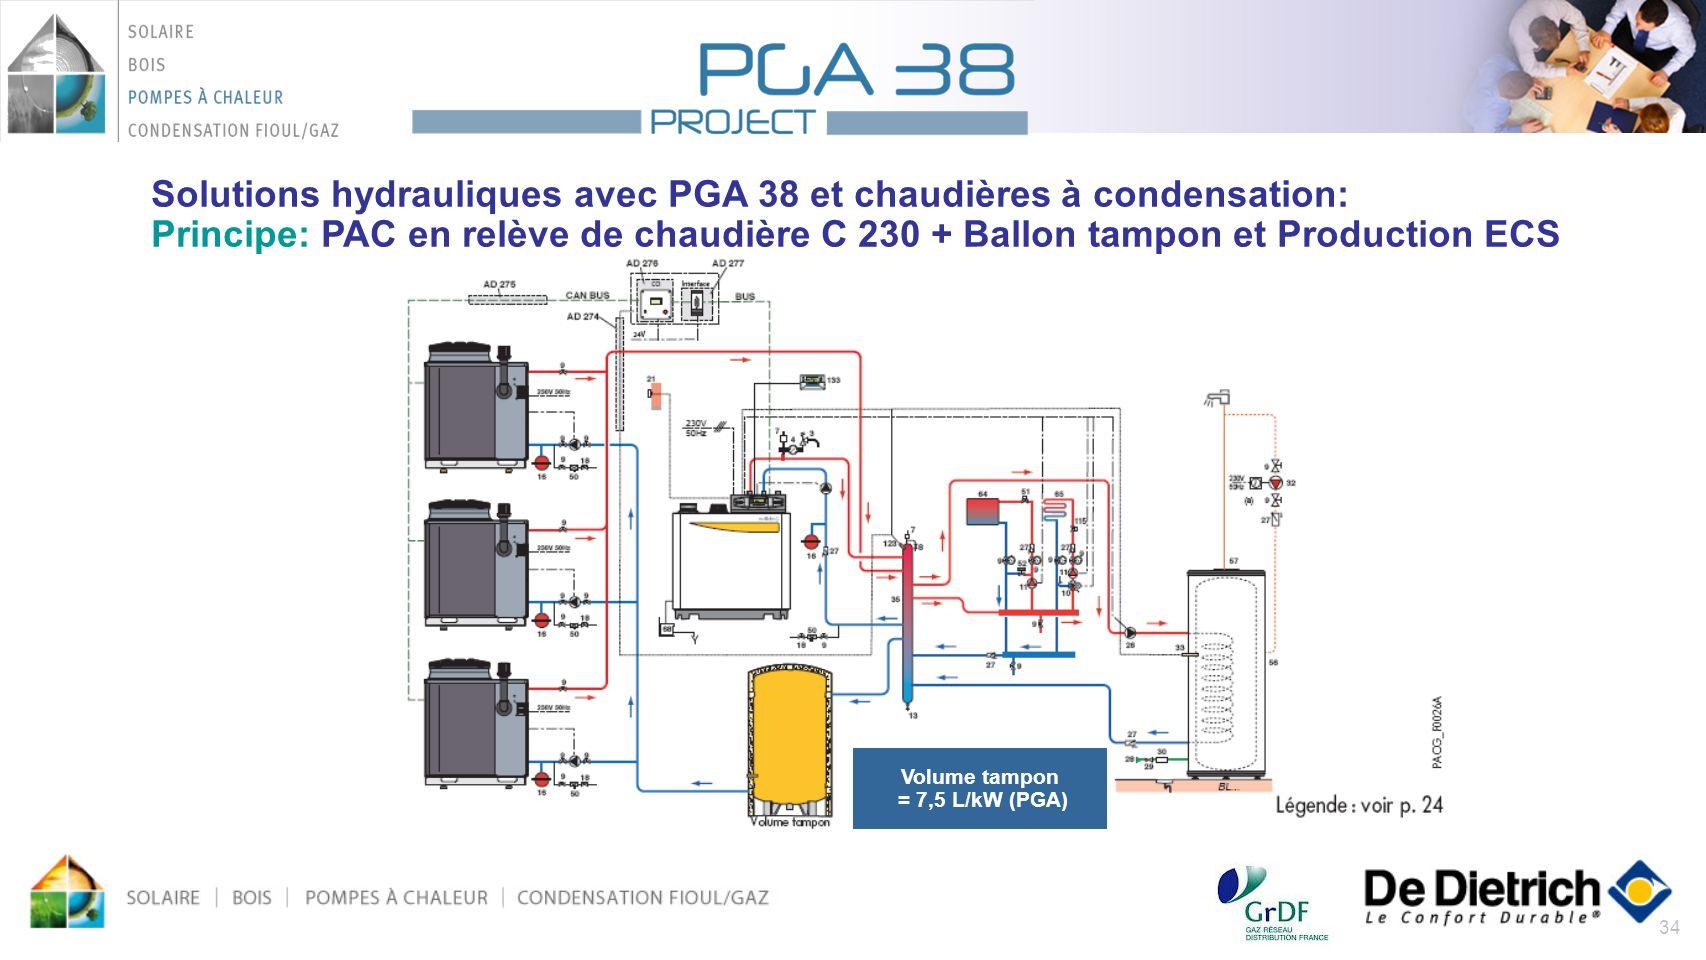 Solutions hydrauliques avec PGA 38 et chaudières à condensation: Principe: PAC en relève de chaudière C 230 + Ballon tampon et Production ECS